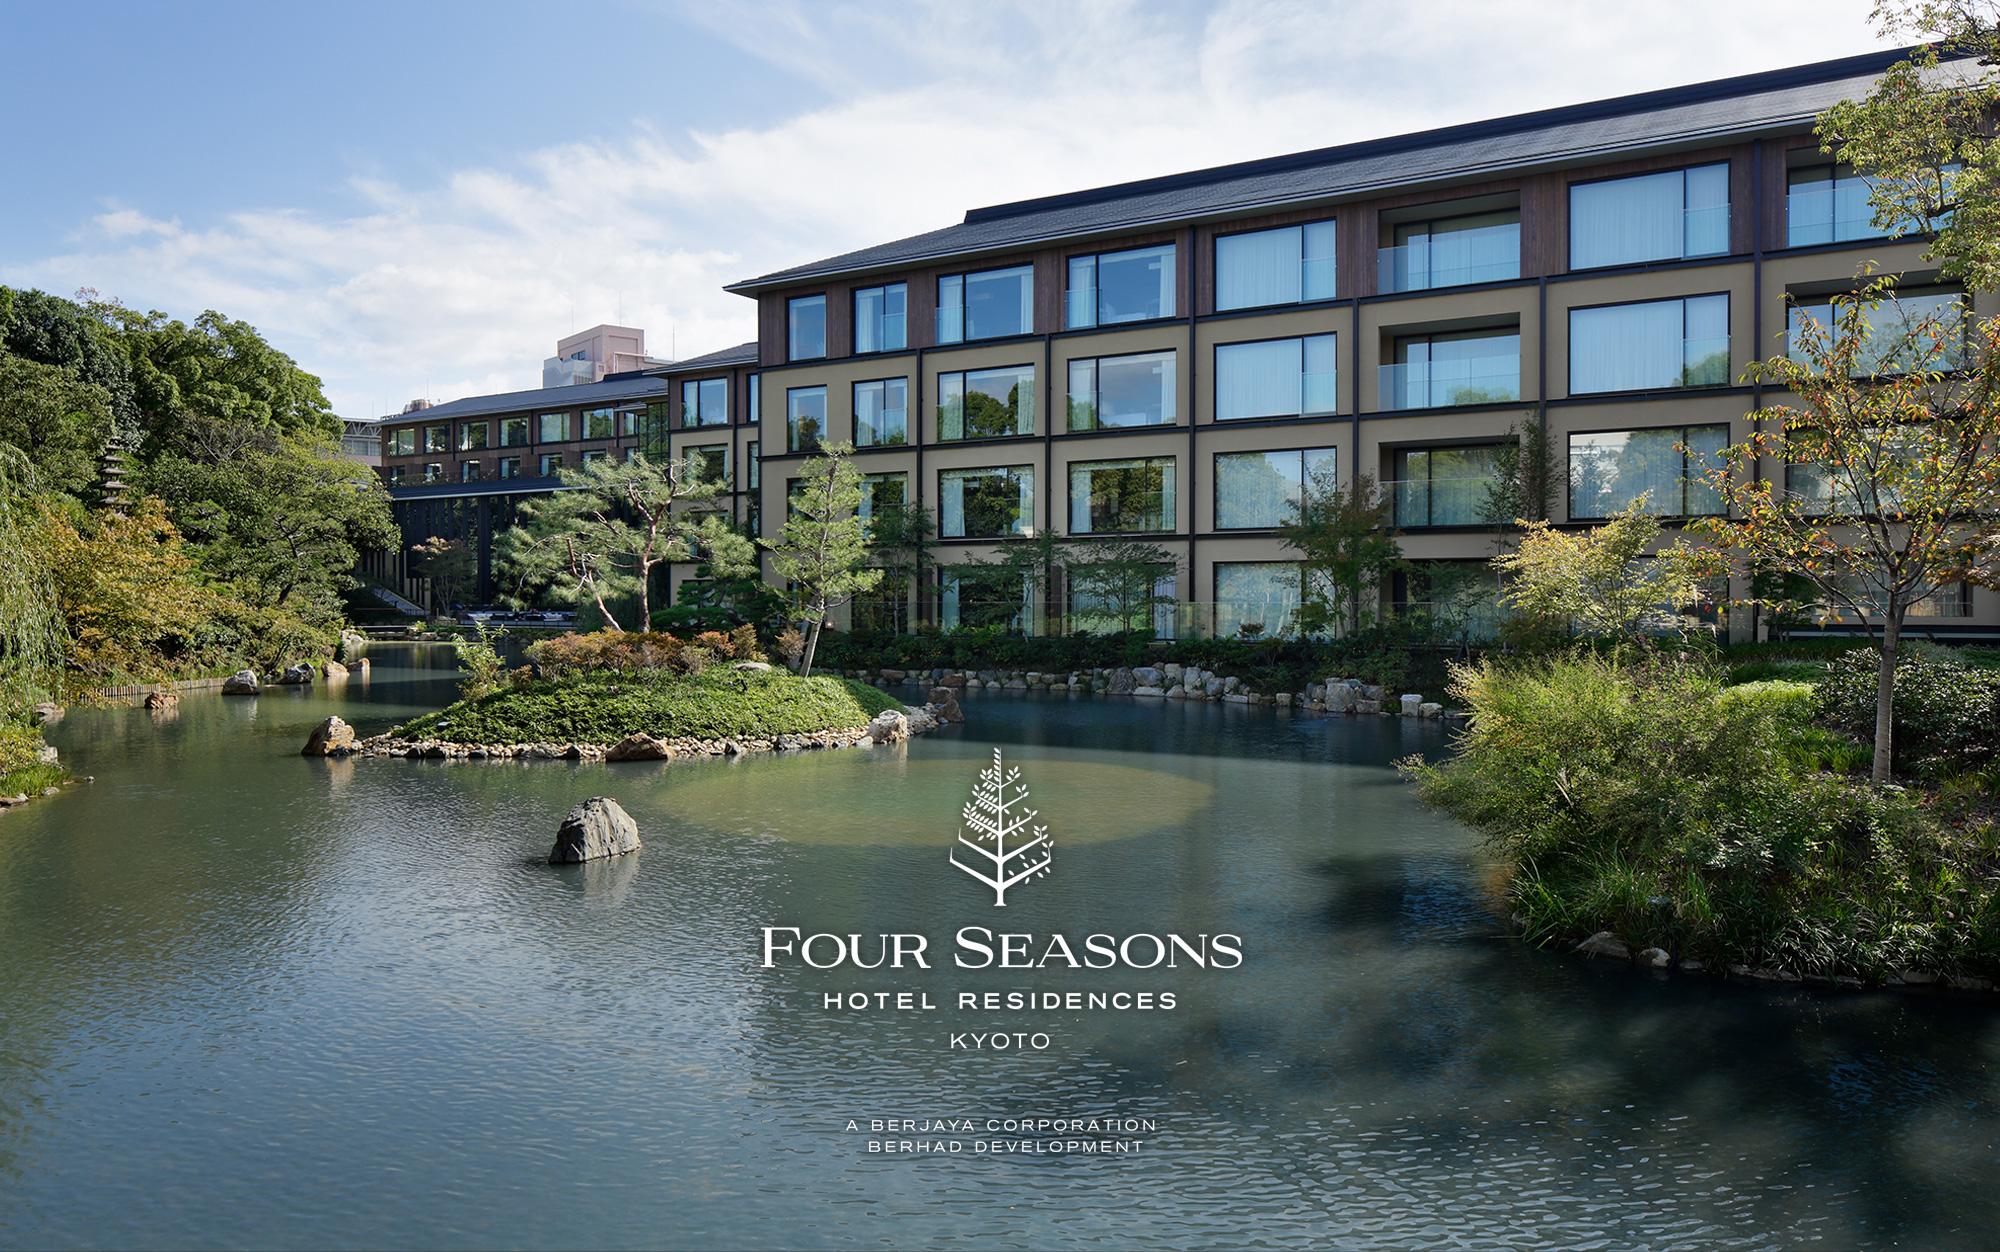 フォーシーズンズホテルレジデンス京都 four seasons hotel residences